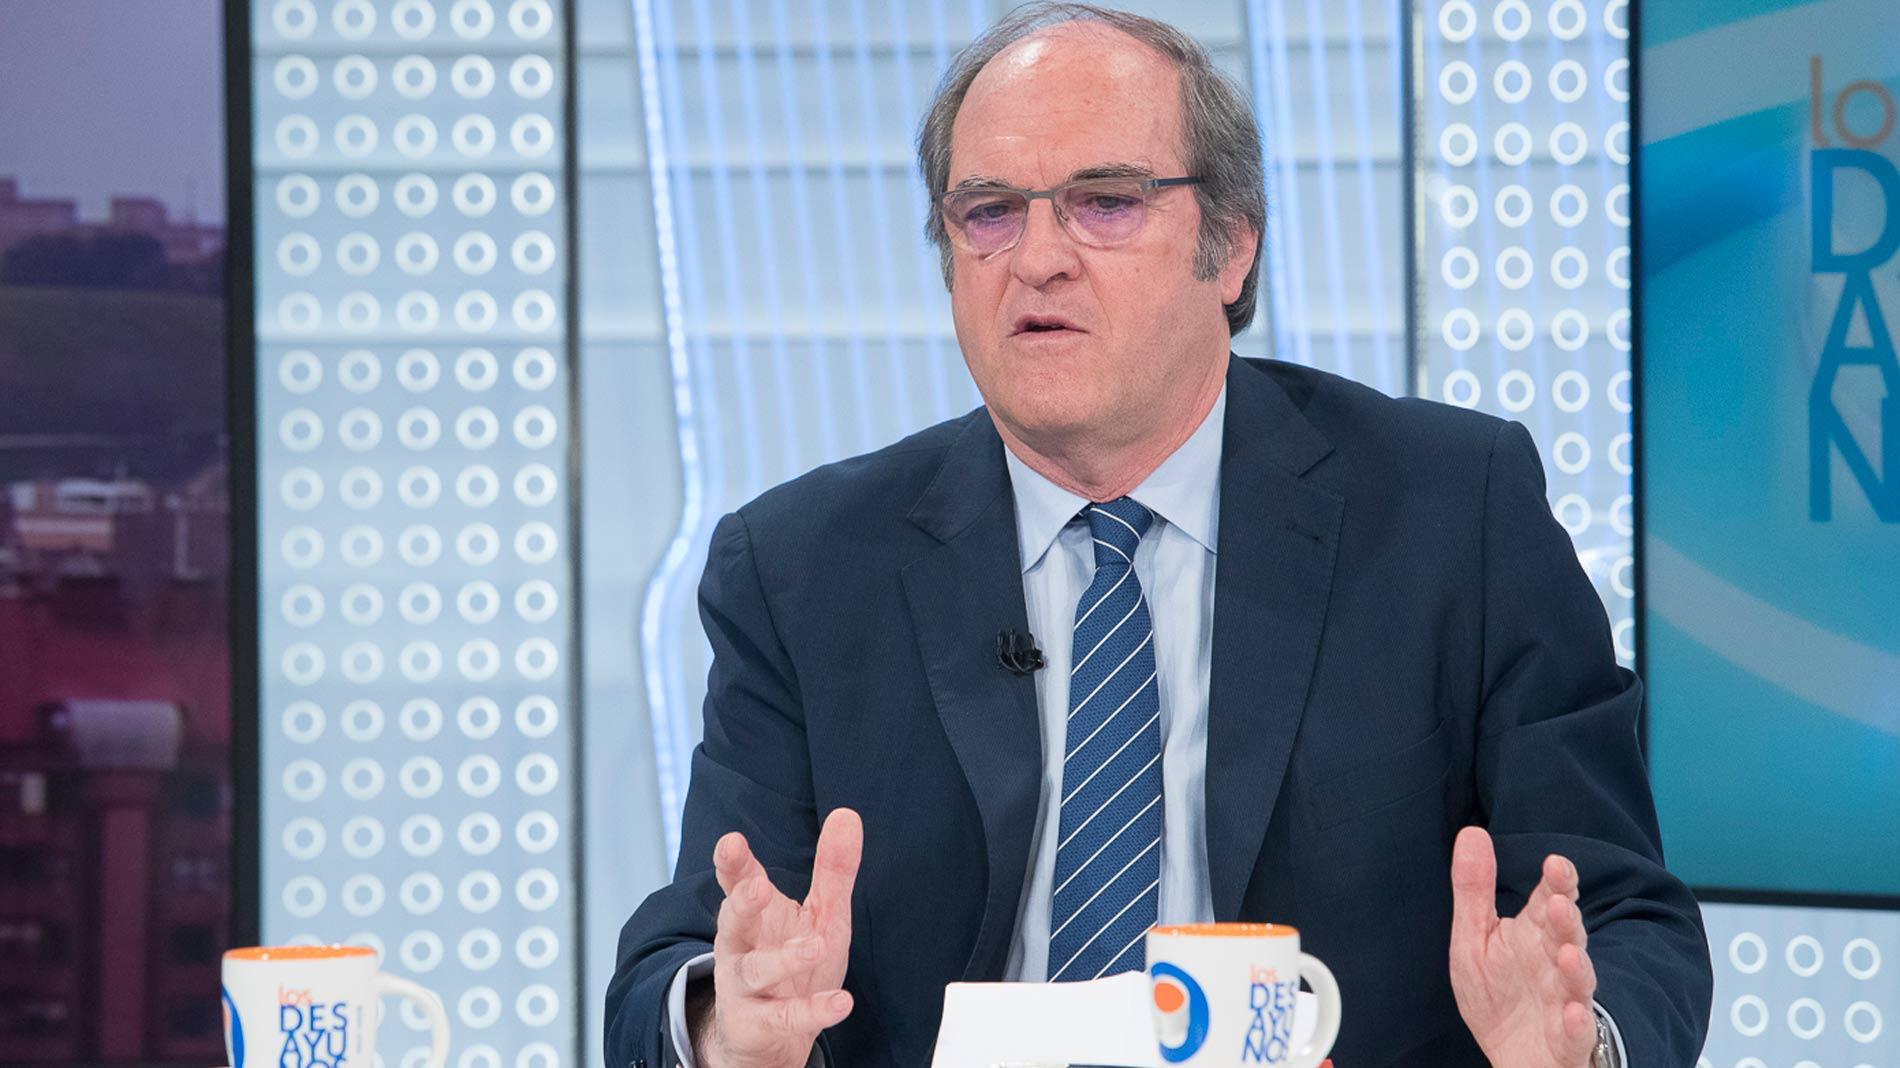 Gabilondo cree que no es comparable el caso del máster de Cifuentes con el currículum corregido de Franco